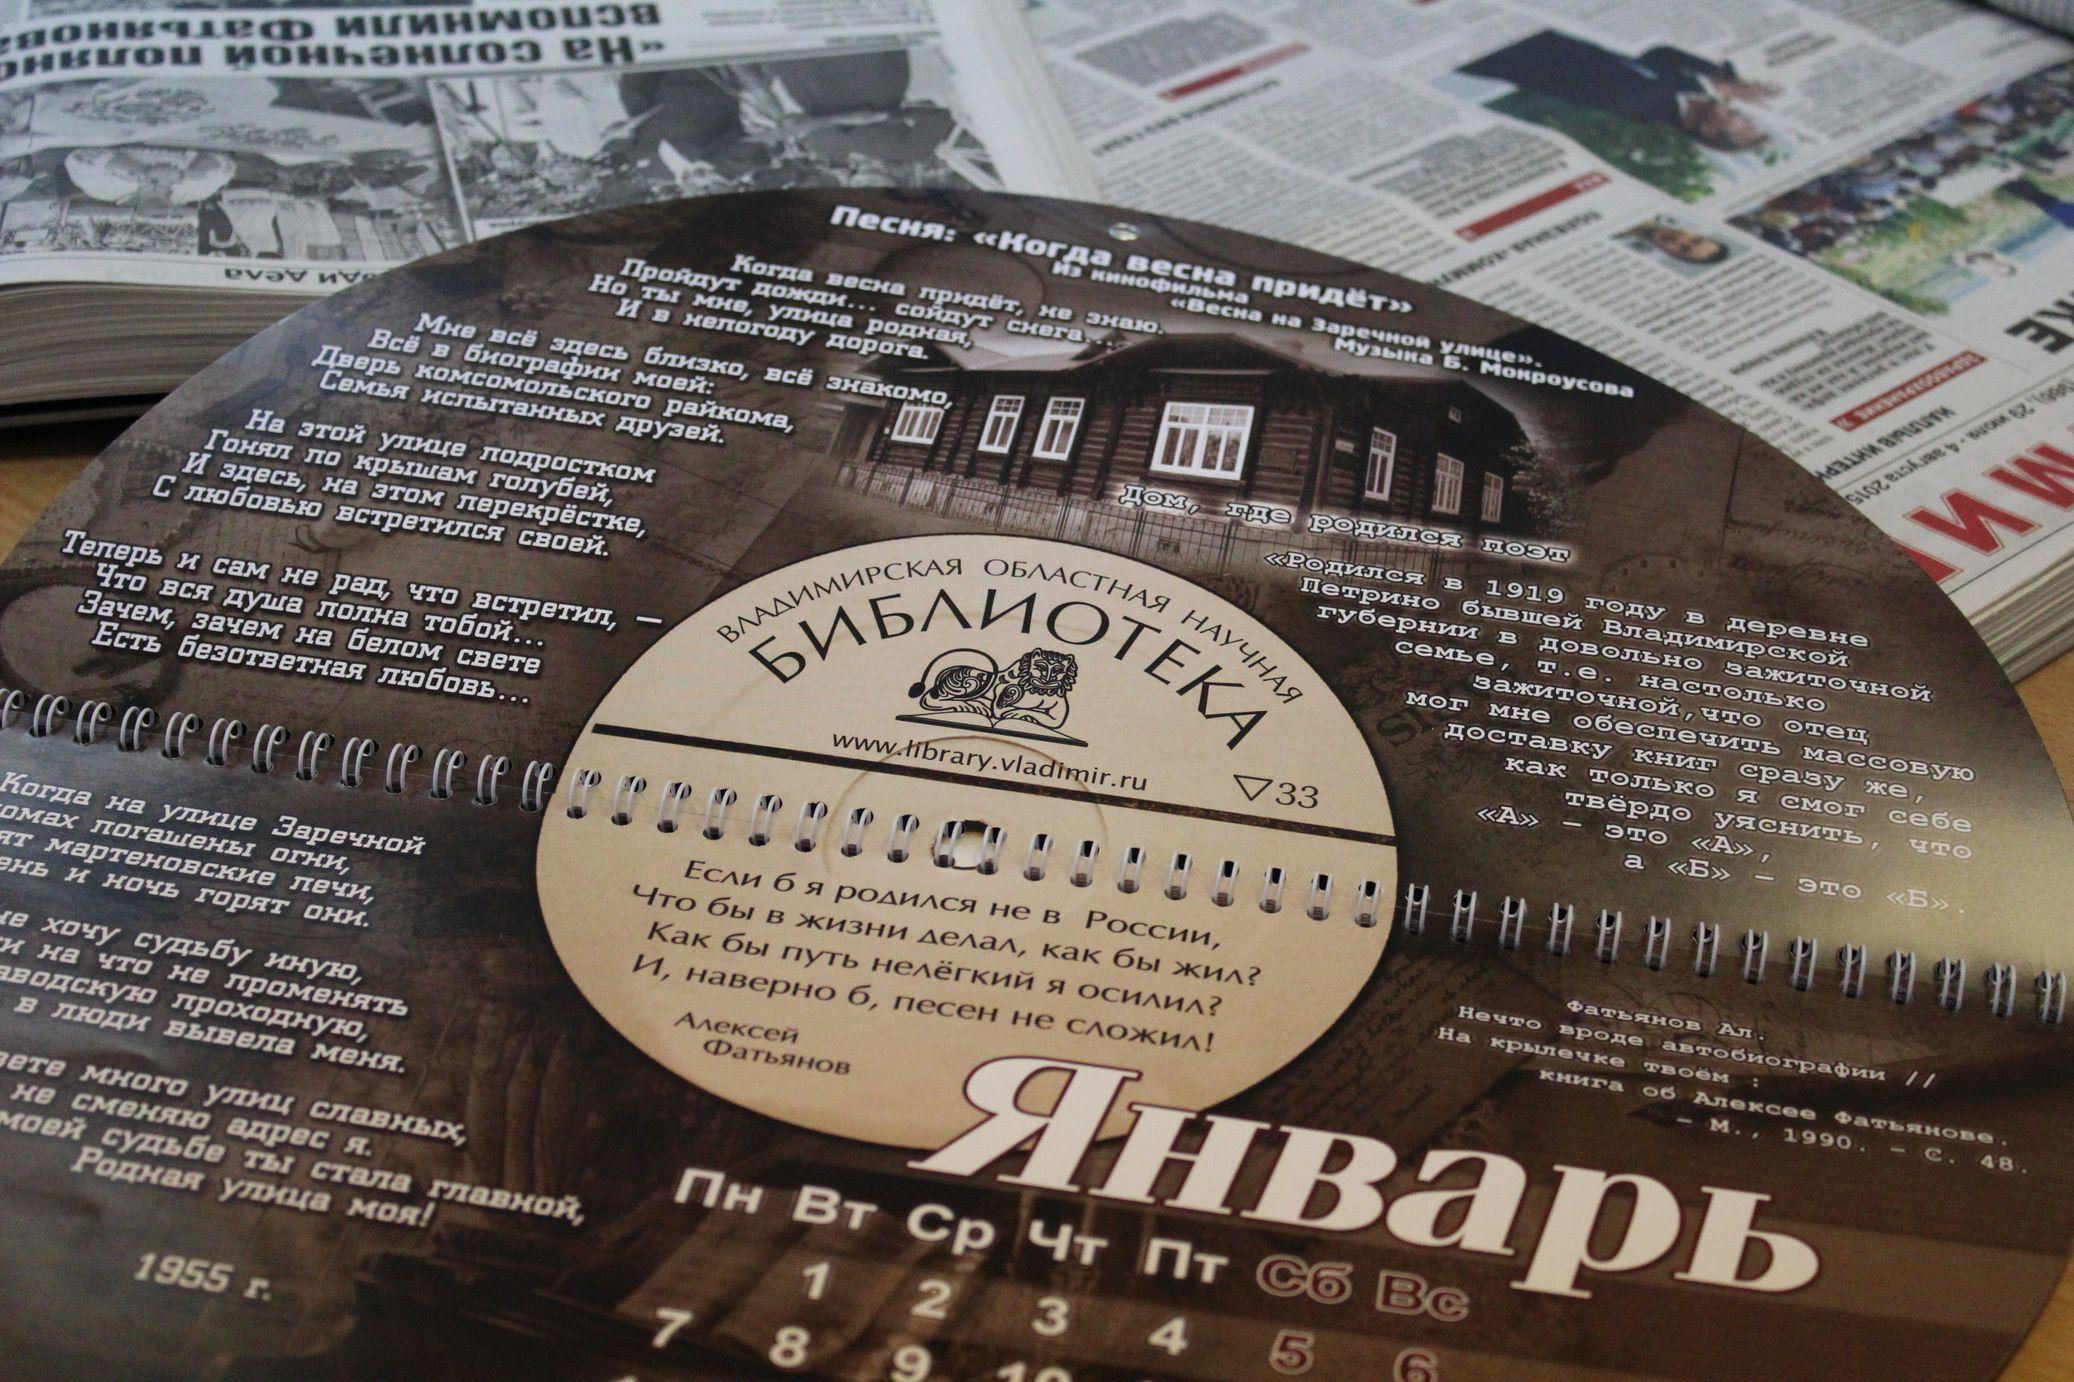 Календарь к 100-летию Фатьянова